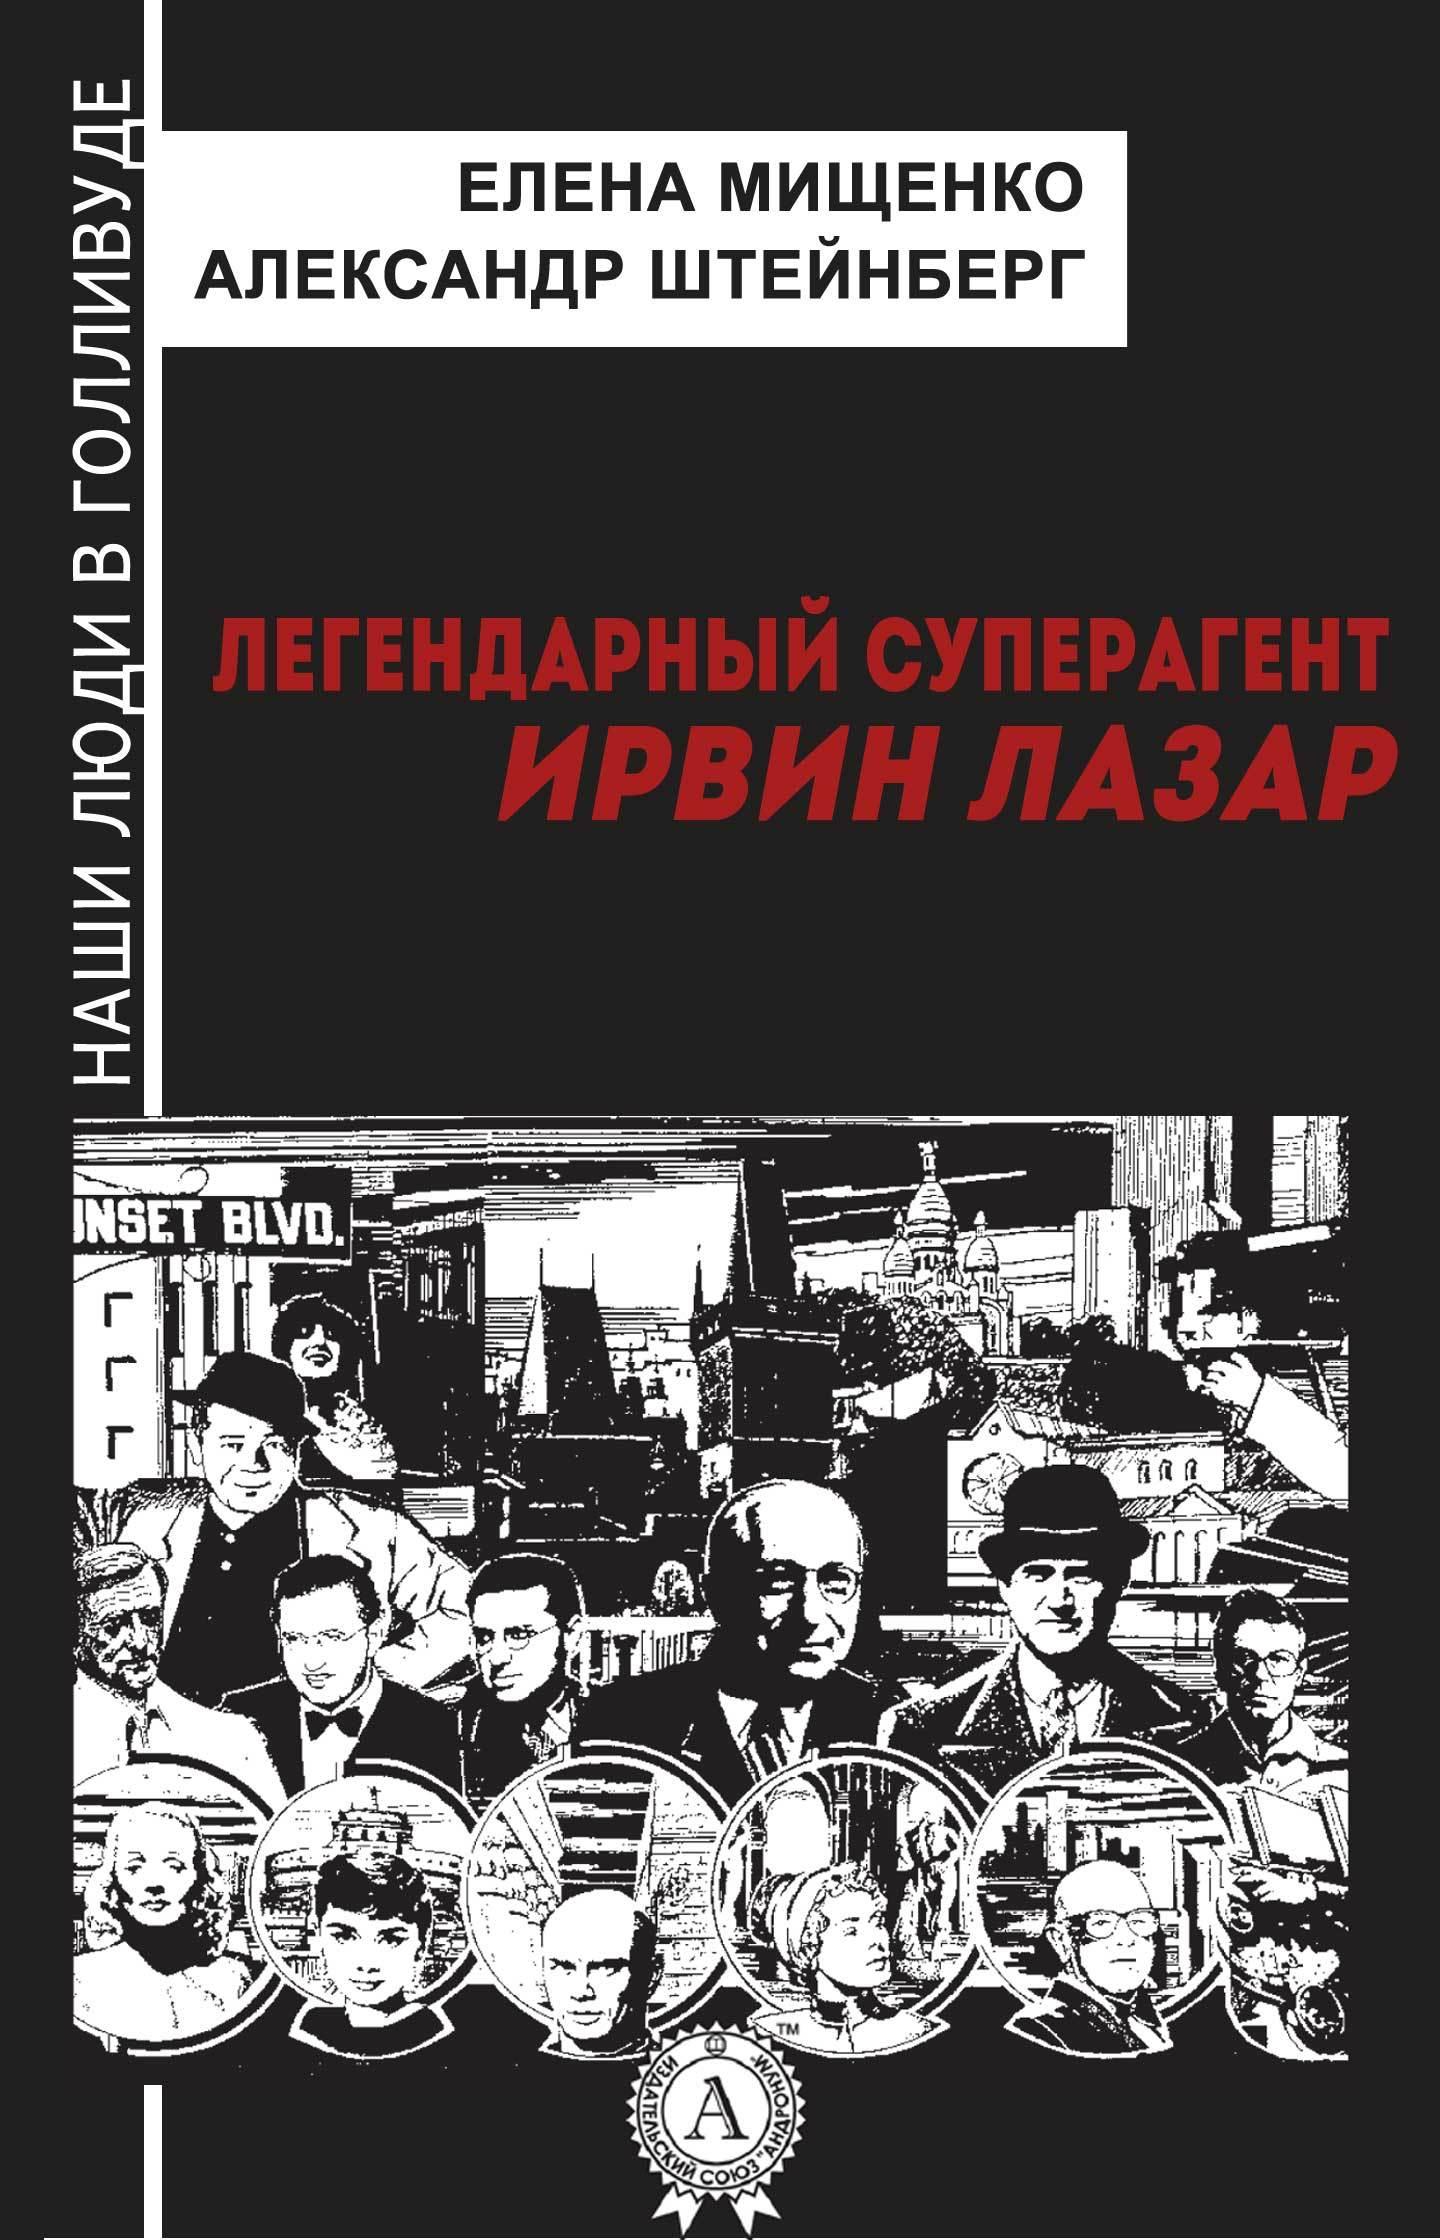 захватывающий сюжет в книге Елена Мищенко